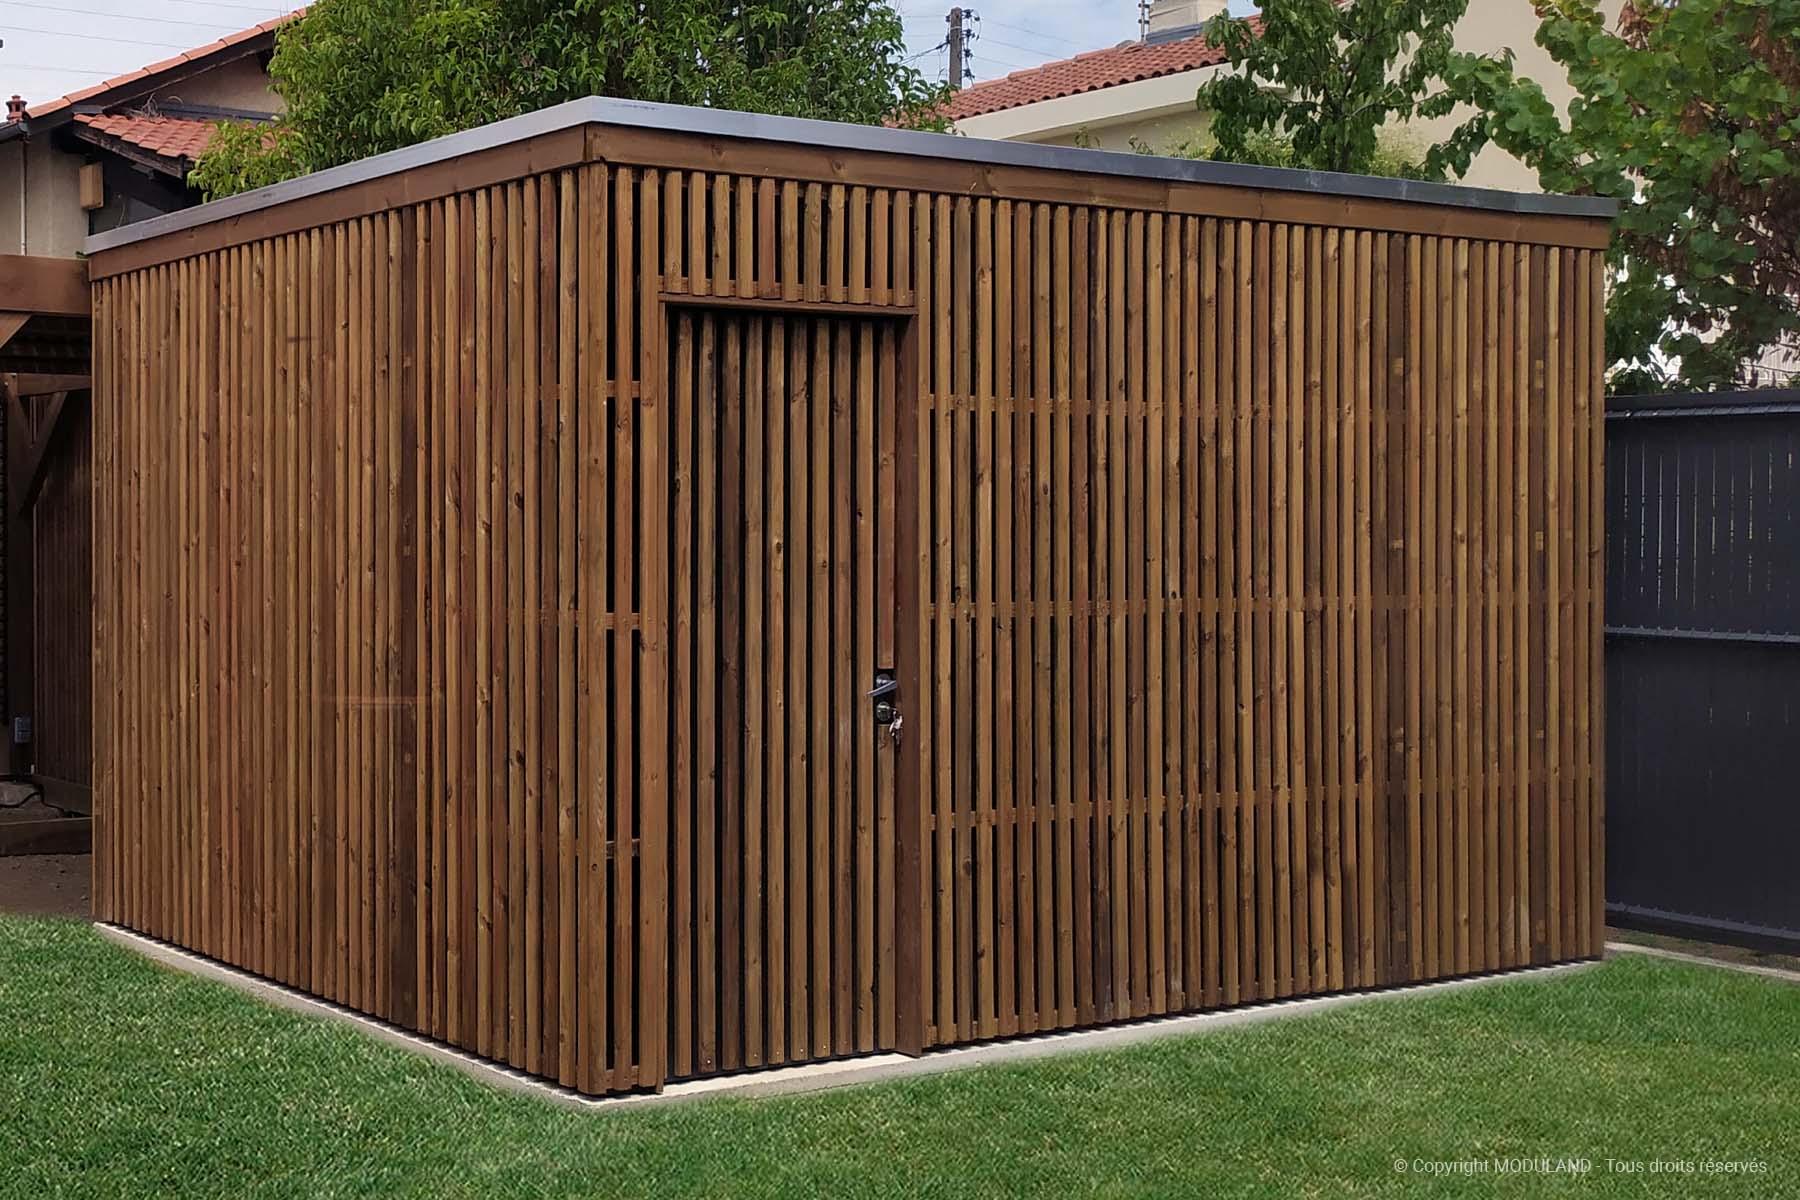 Fabricant D'abris Et Structures Bois Sur Mesure | Moduland pour Fabricant Abri De Jardin